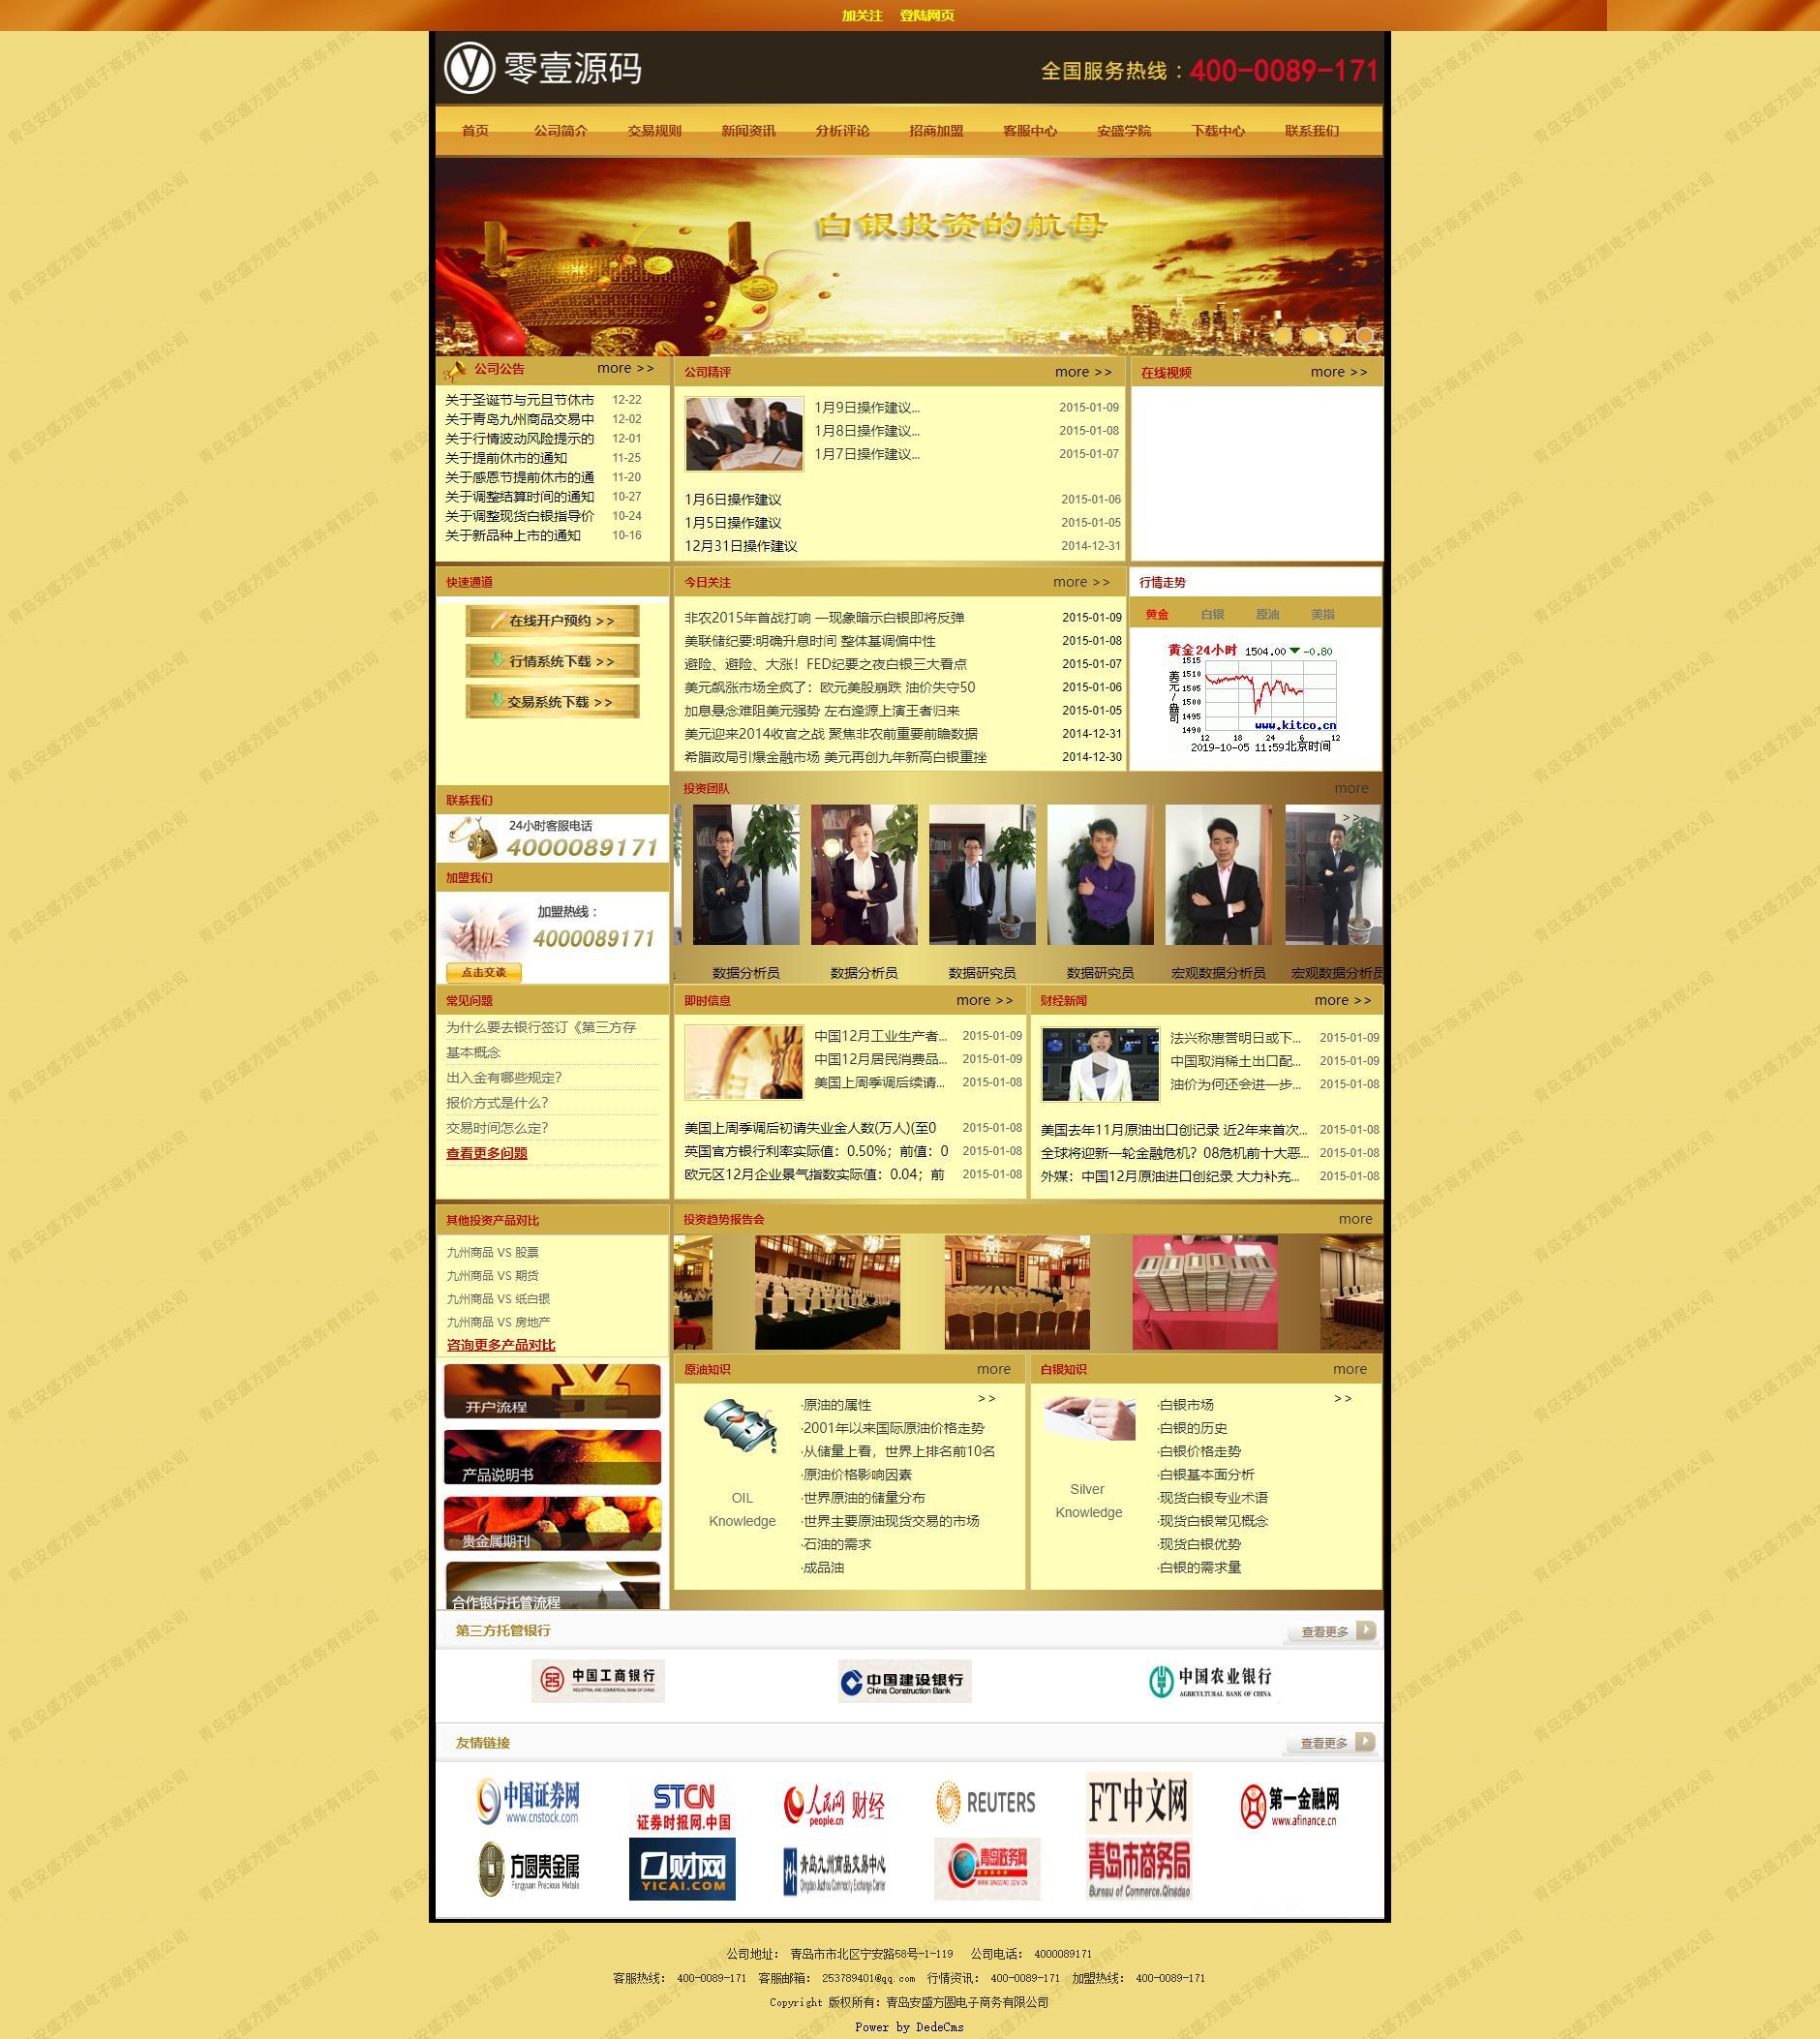 金融投资理财类通用网站织梦dedecms模板